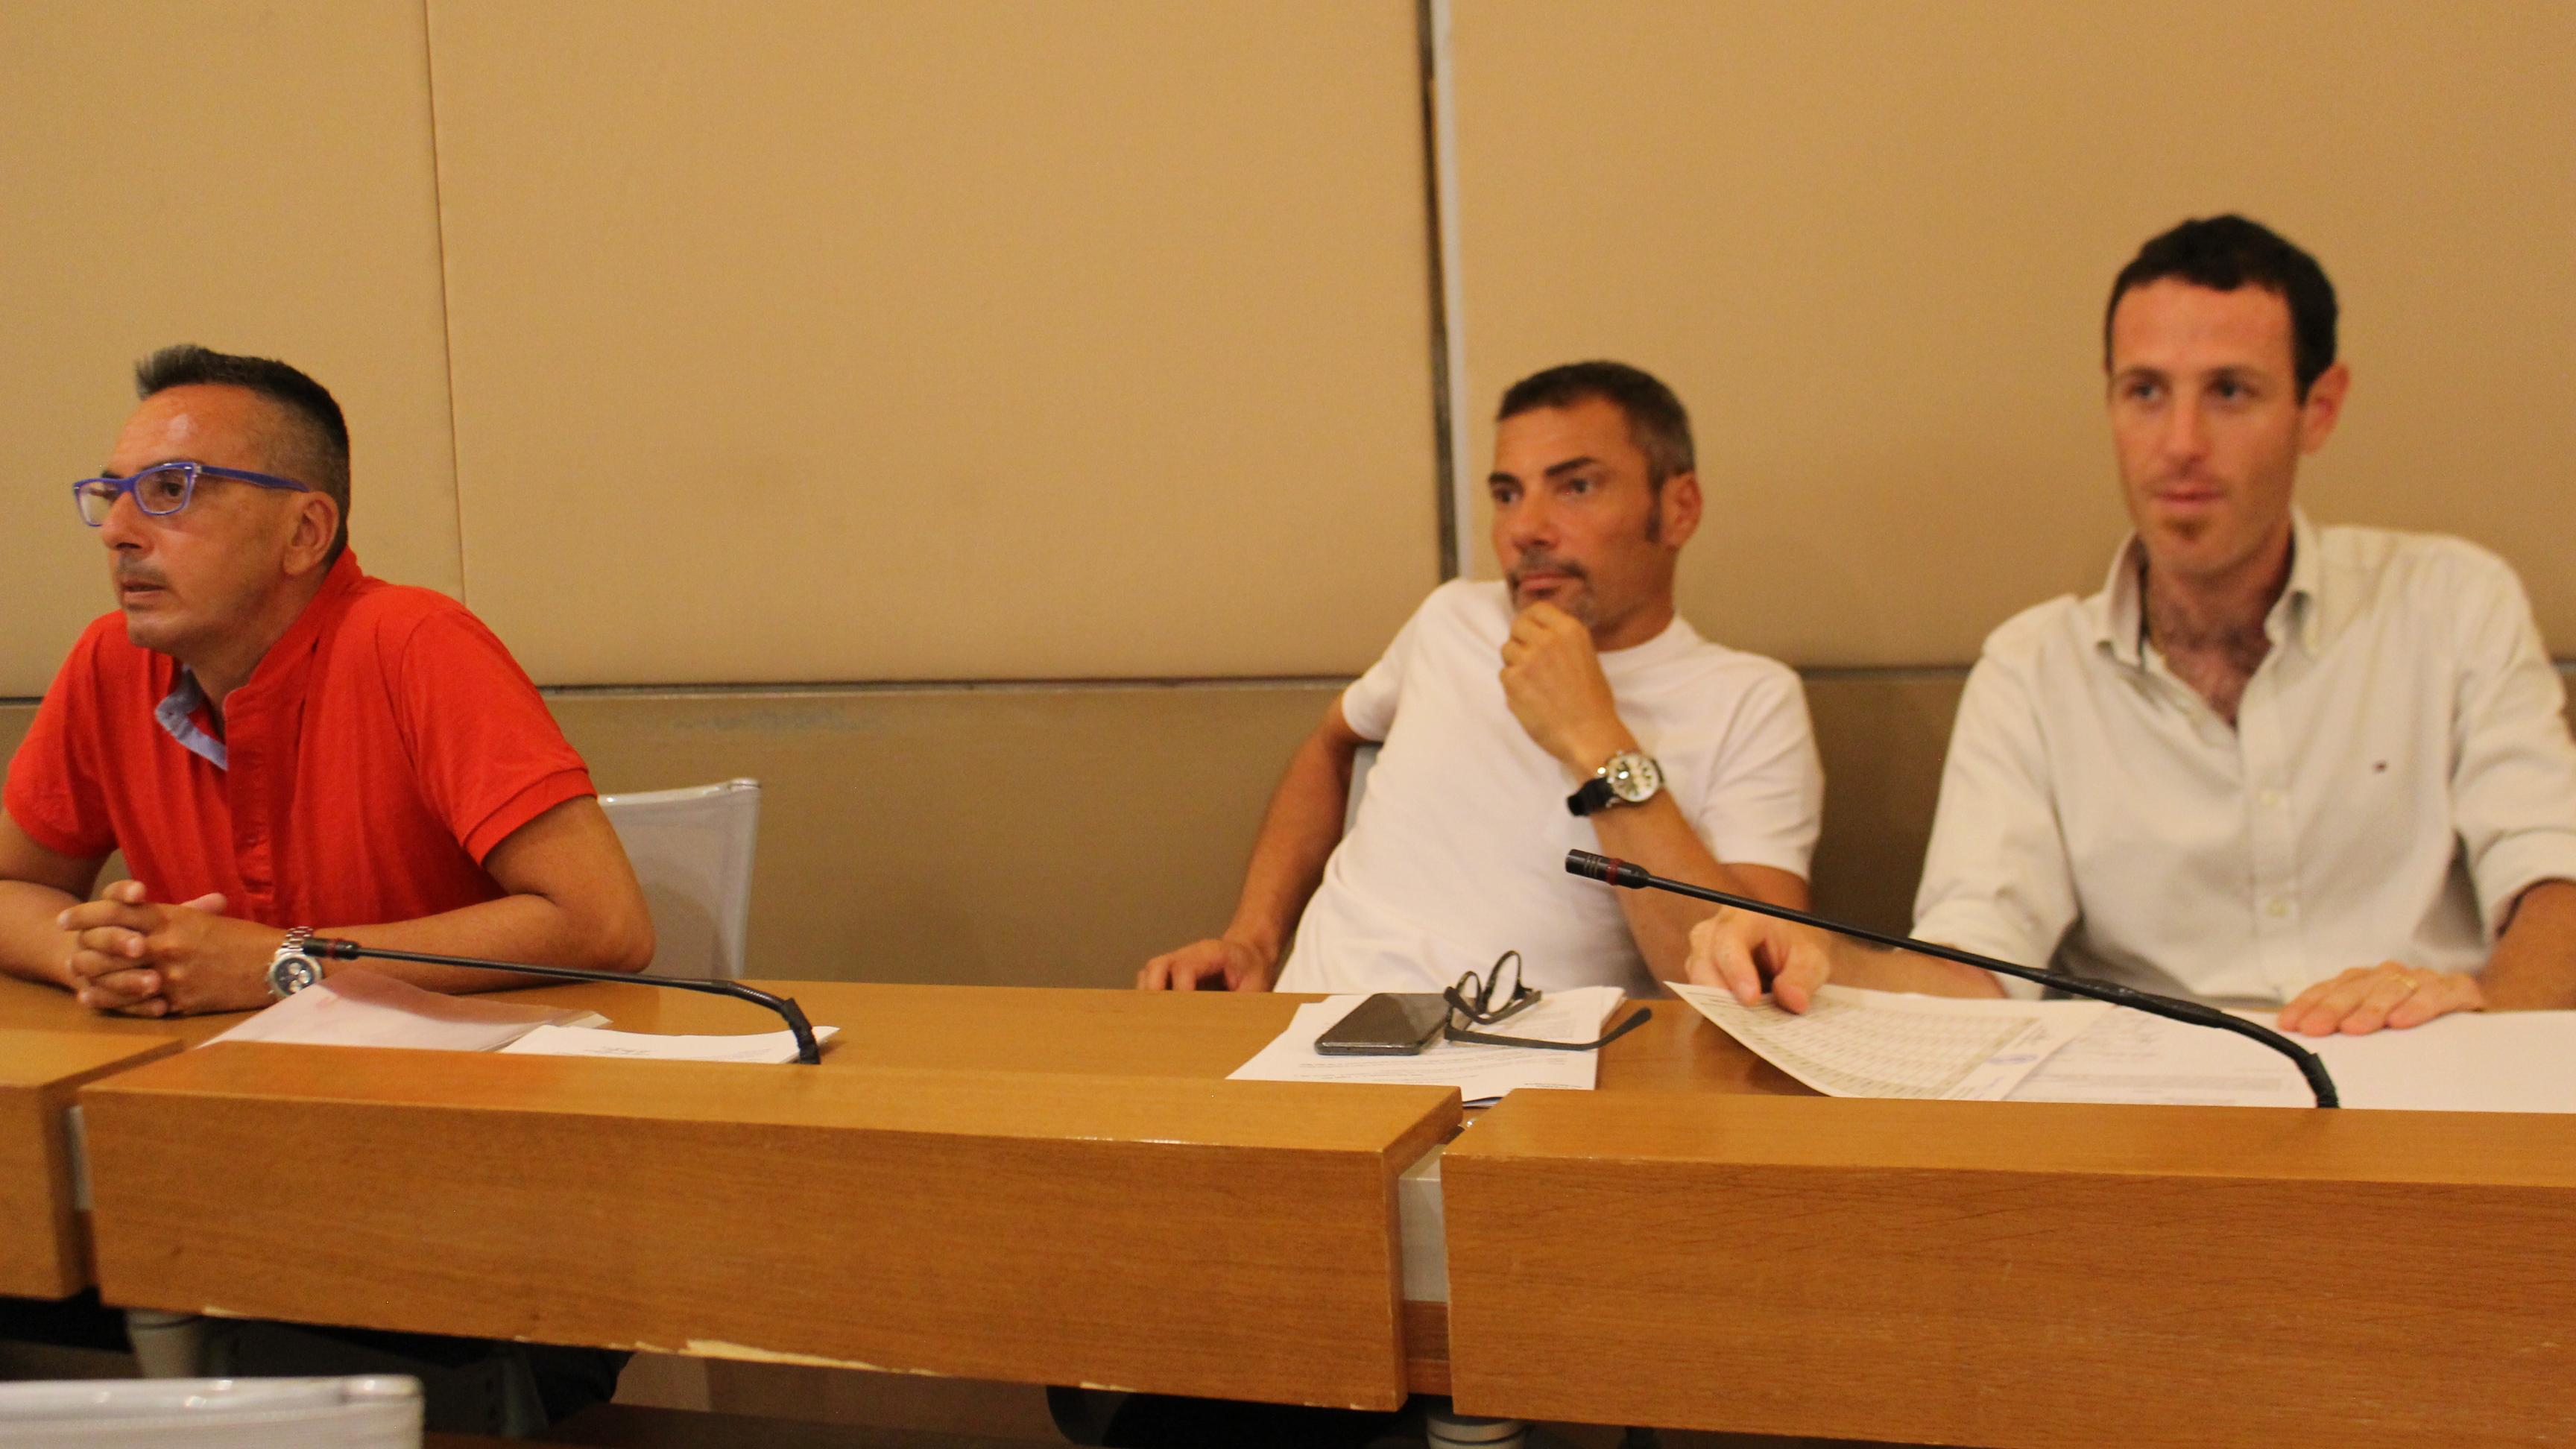 Trivellazioni e Salvaguardia delle coste al centro di una conferenza stampa dei Verdi con Angelo Bonelli